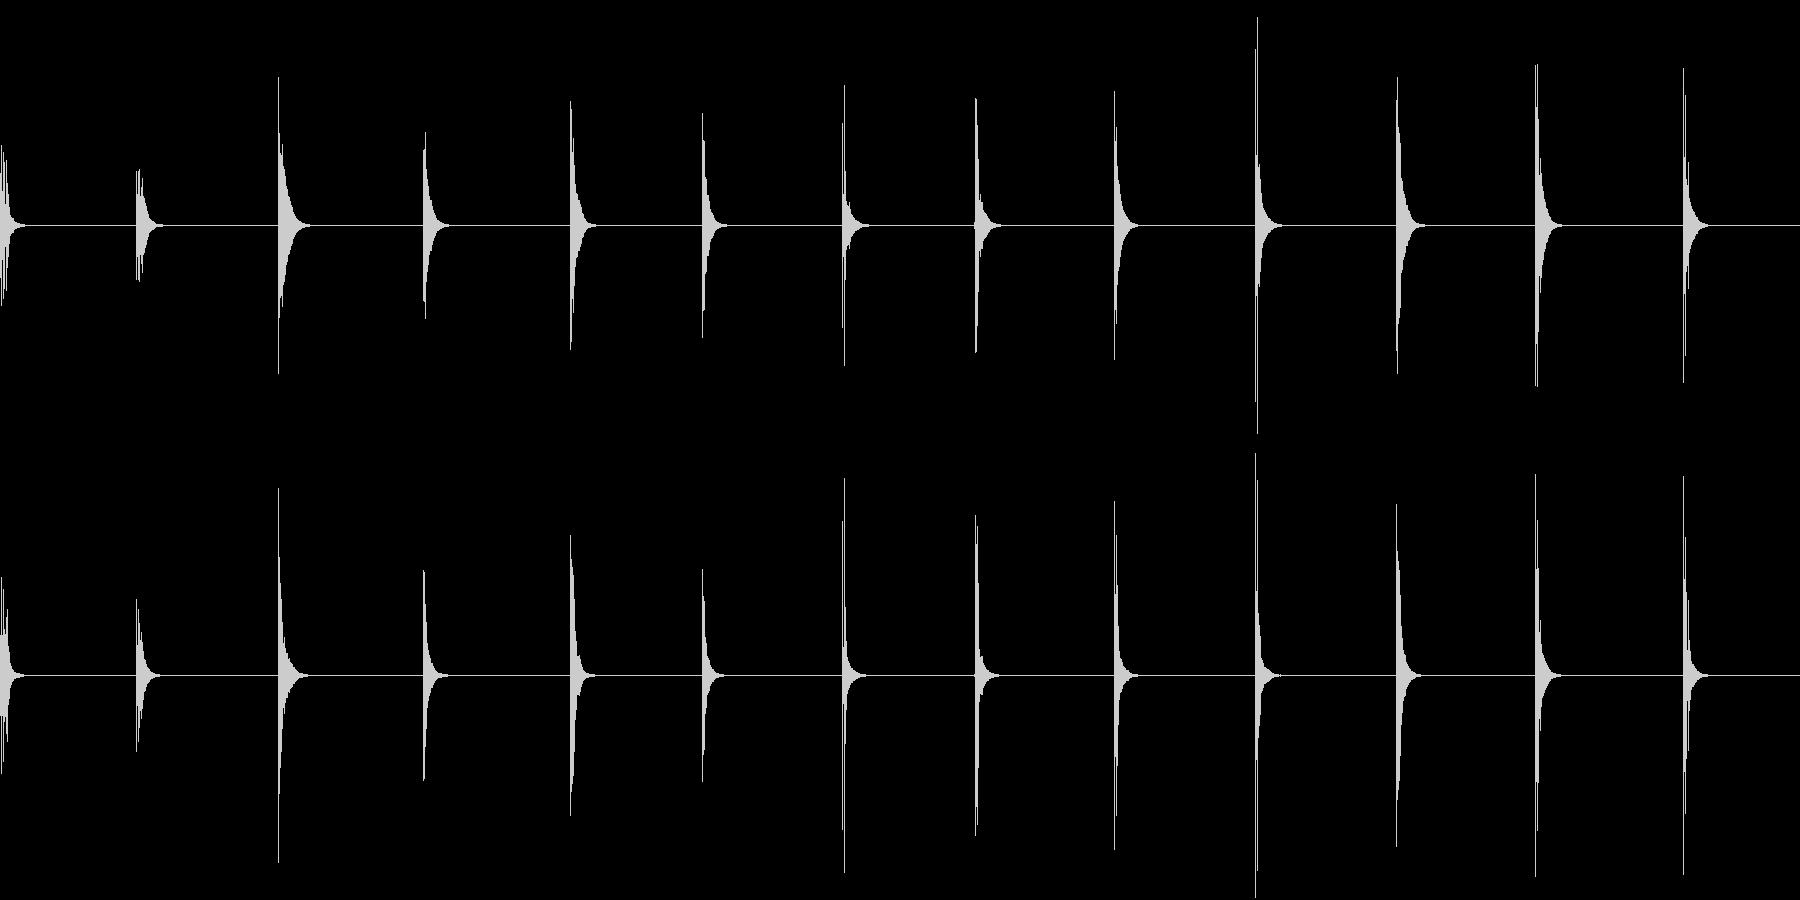 【生録音】お箸の音 52 かき込み食べるの未再生の波形